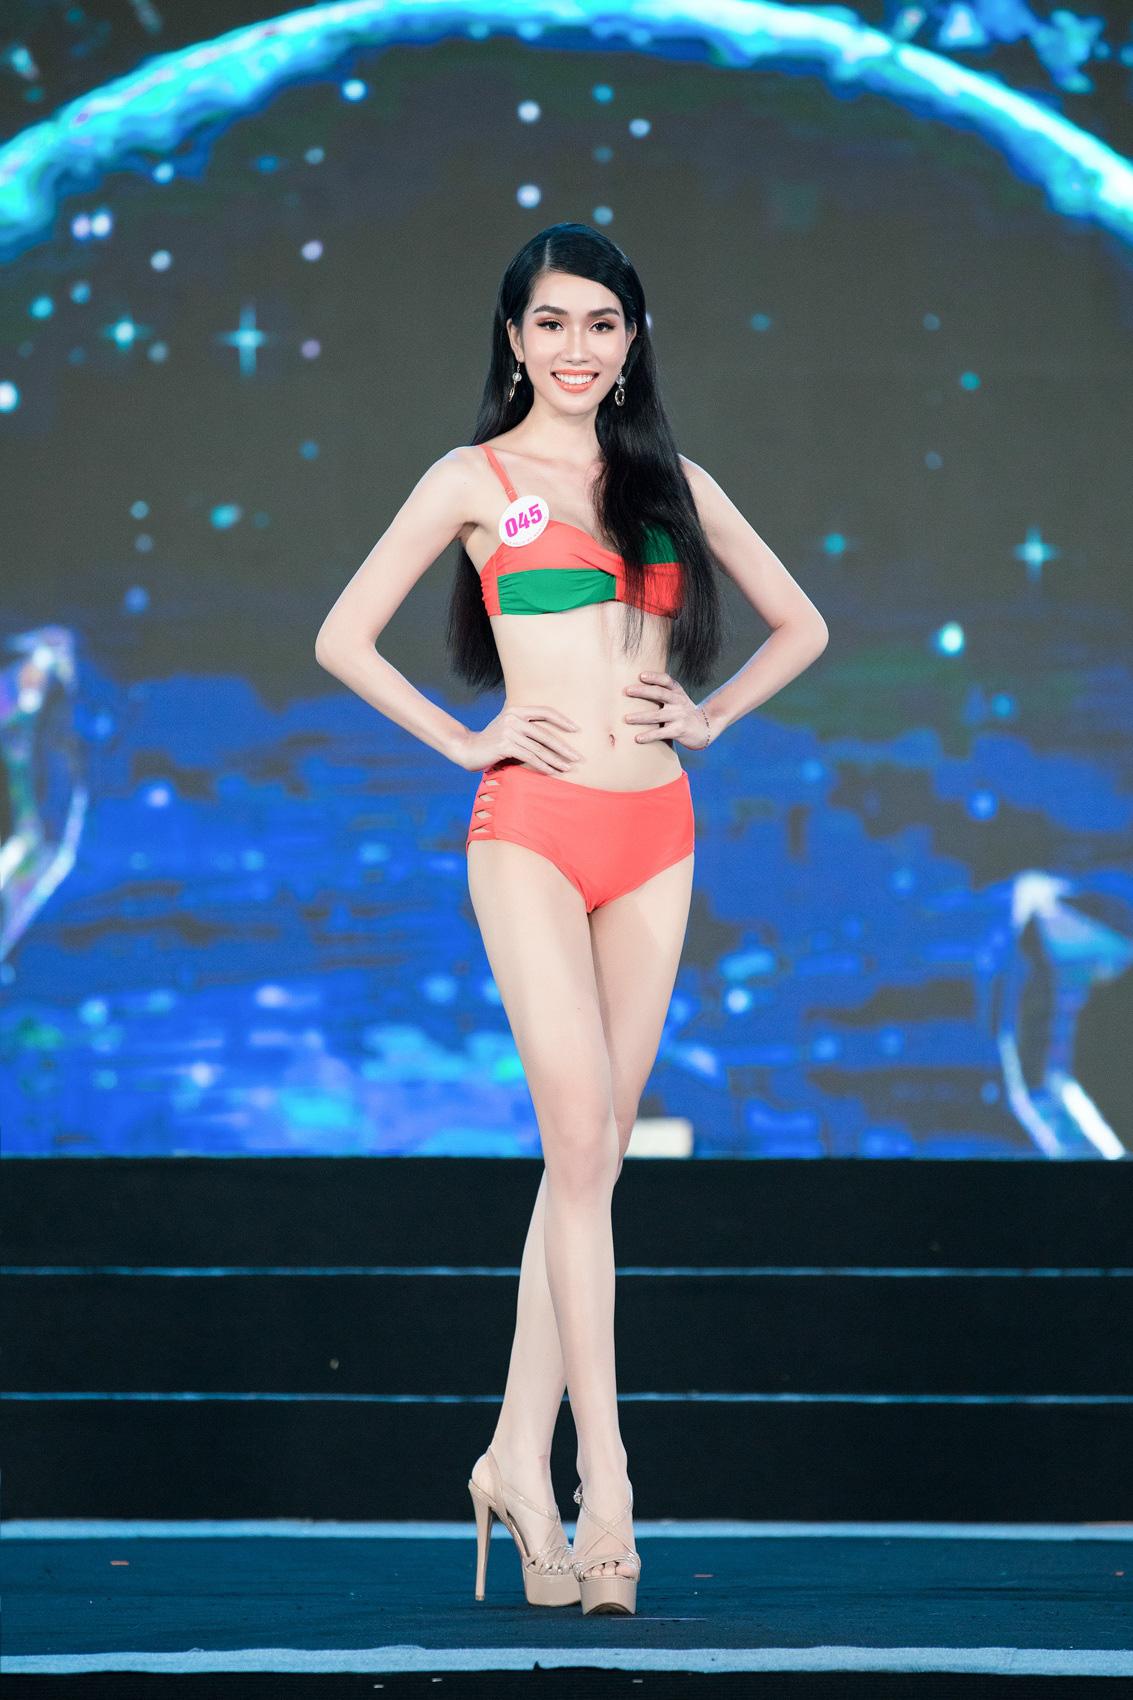 """Top 40 mặc bikini quyến rũ """"bỏng rẫy"""" gây """"sốt"""" tại Bán kết Hoa hậu Việt Nam 2020  - Ảnh 9."""